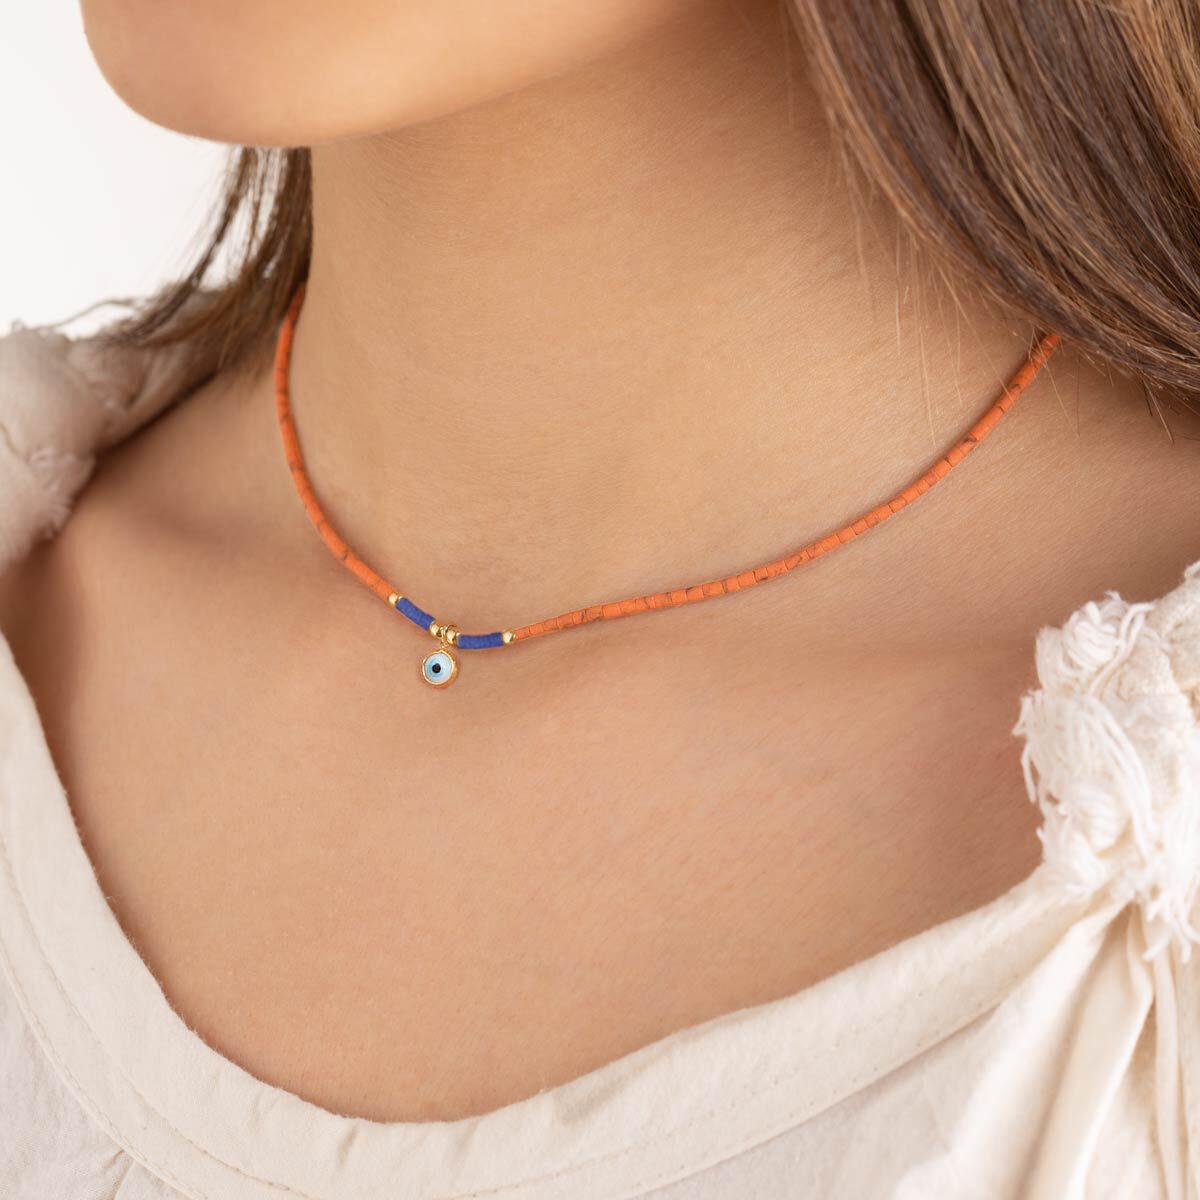 گردنبند طلا سنگی نارنجی چشم و گوی